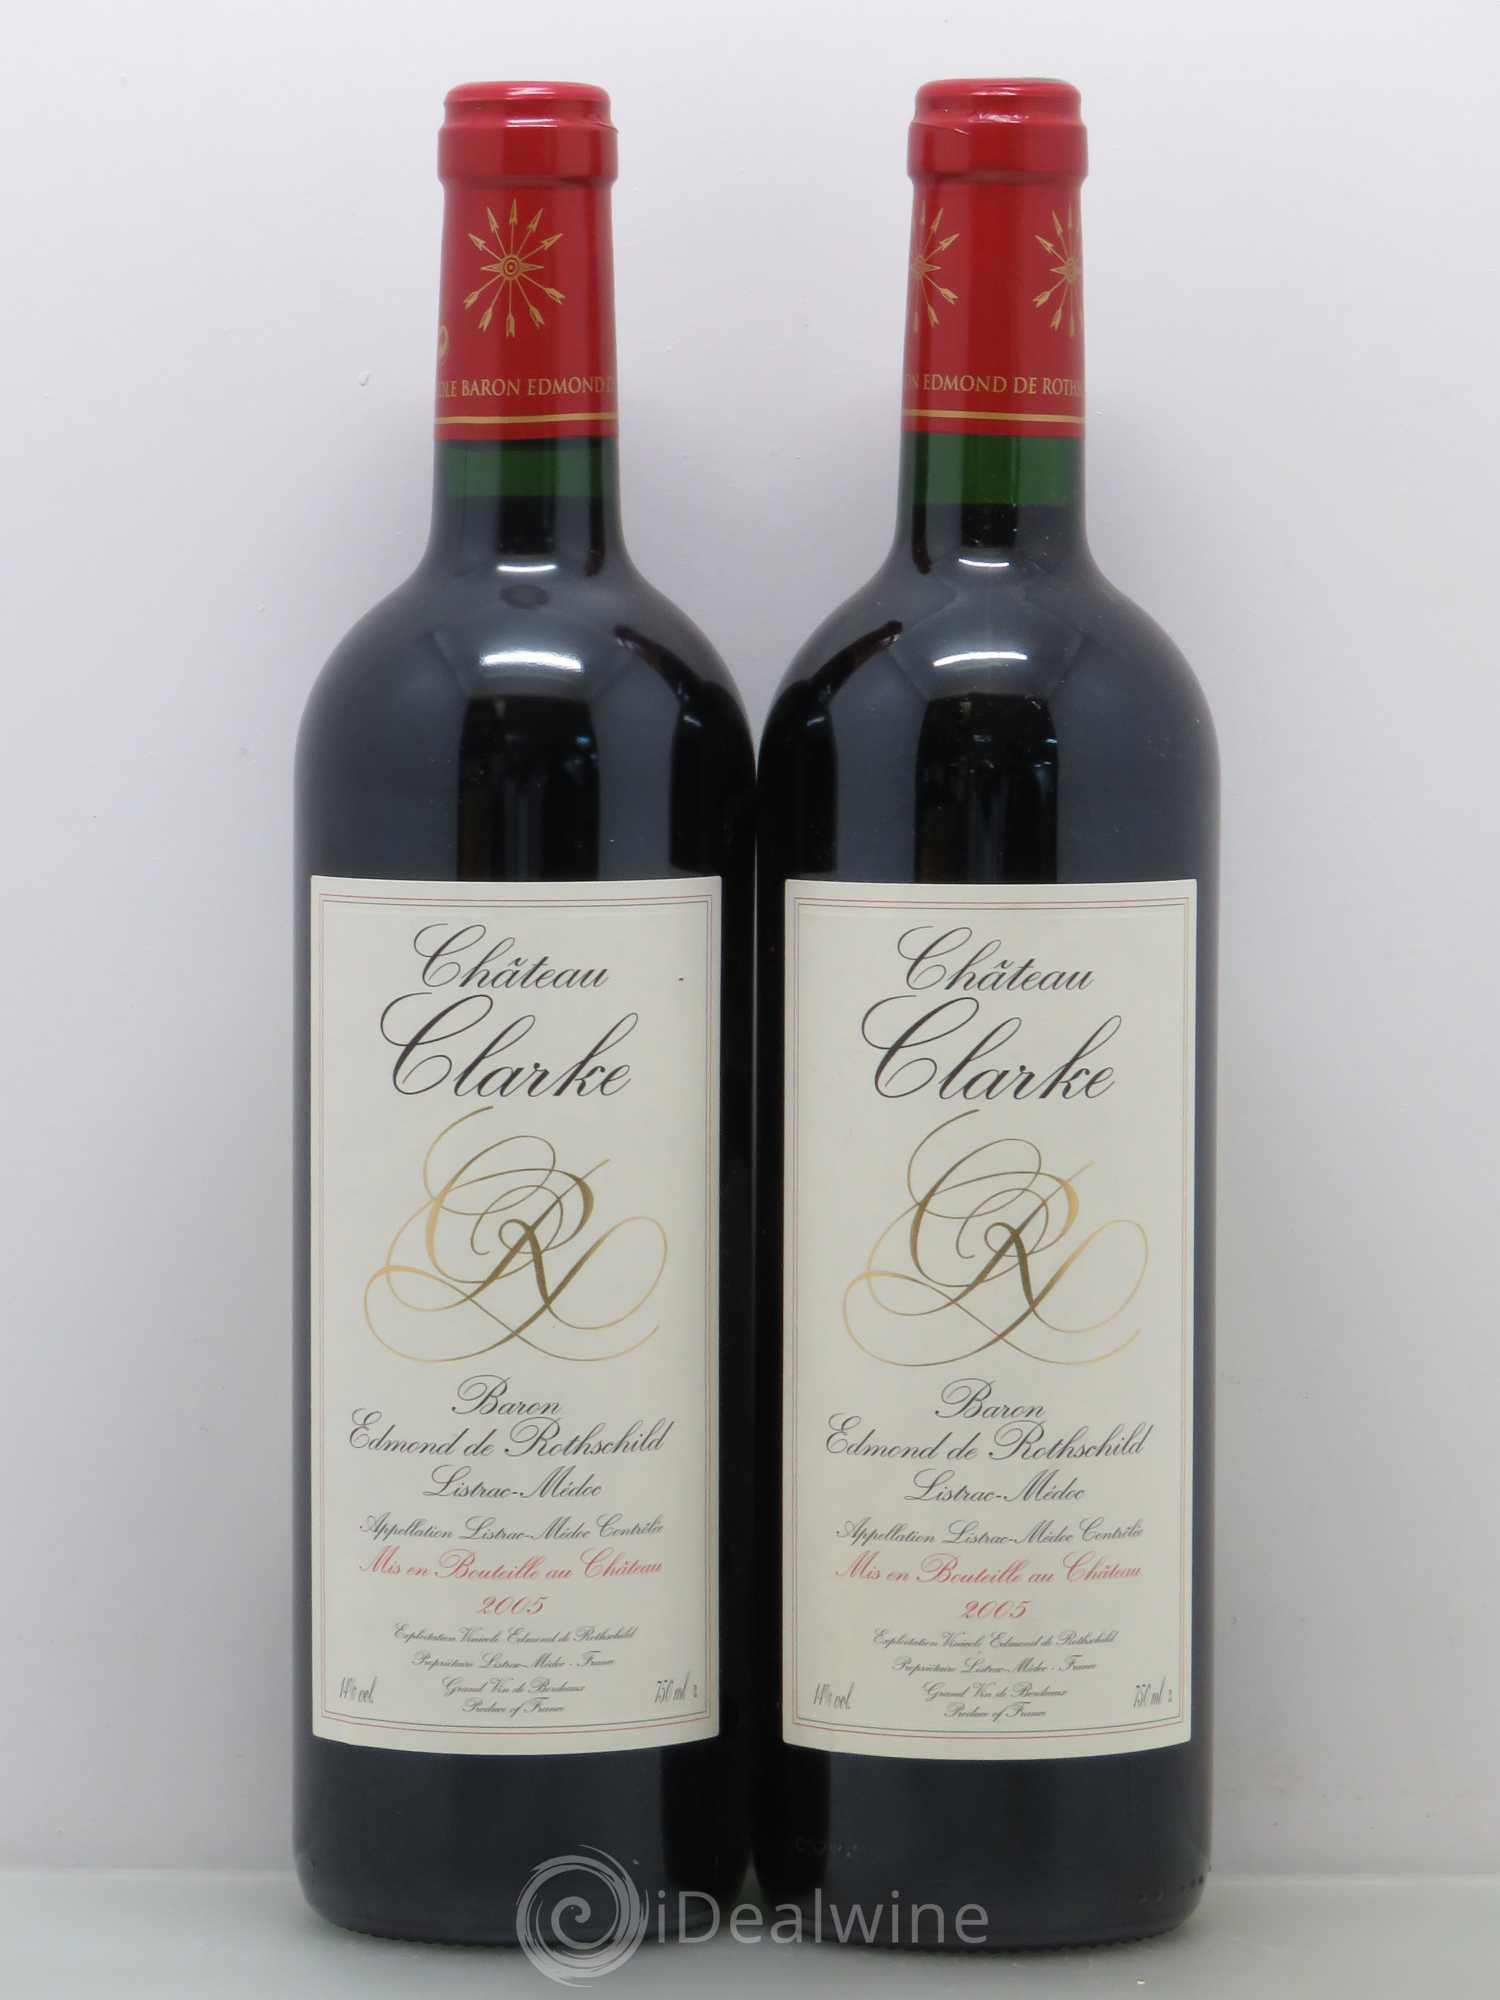 Acheter ch teau clarke cru bourgeois 2005 lot 12006 for Chateau clarke